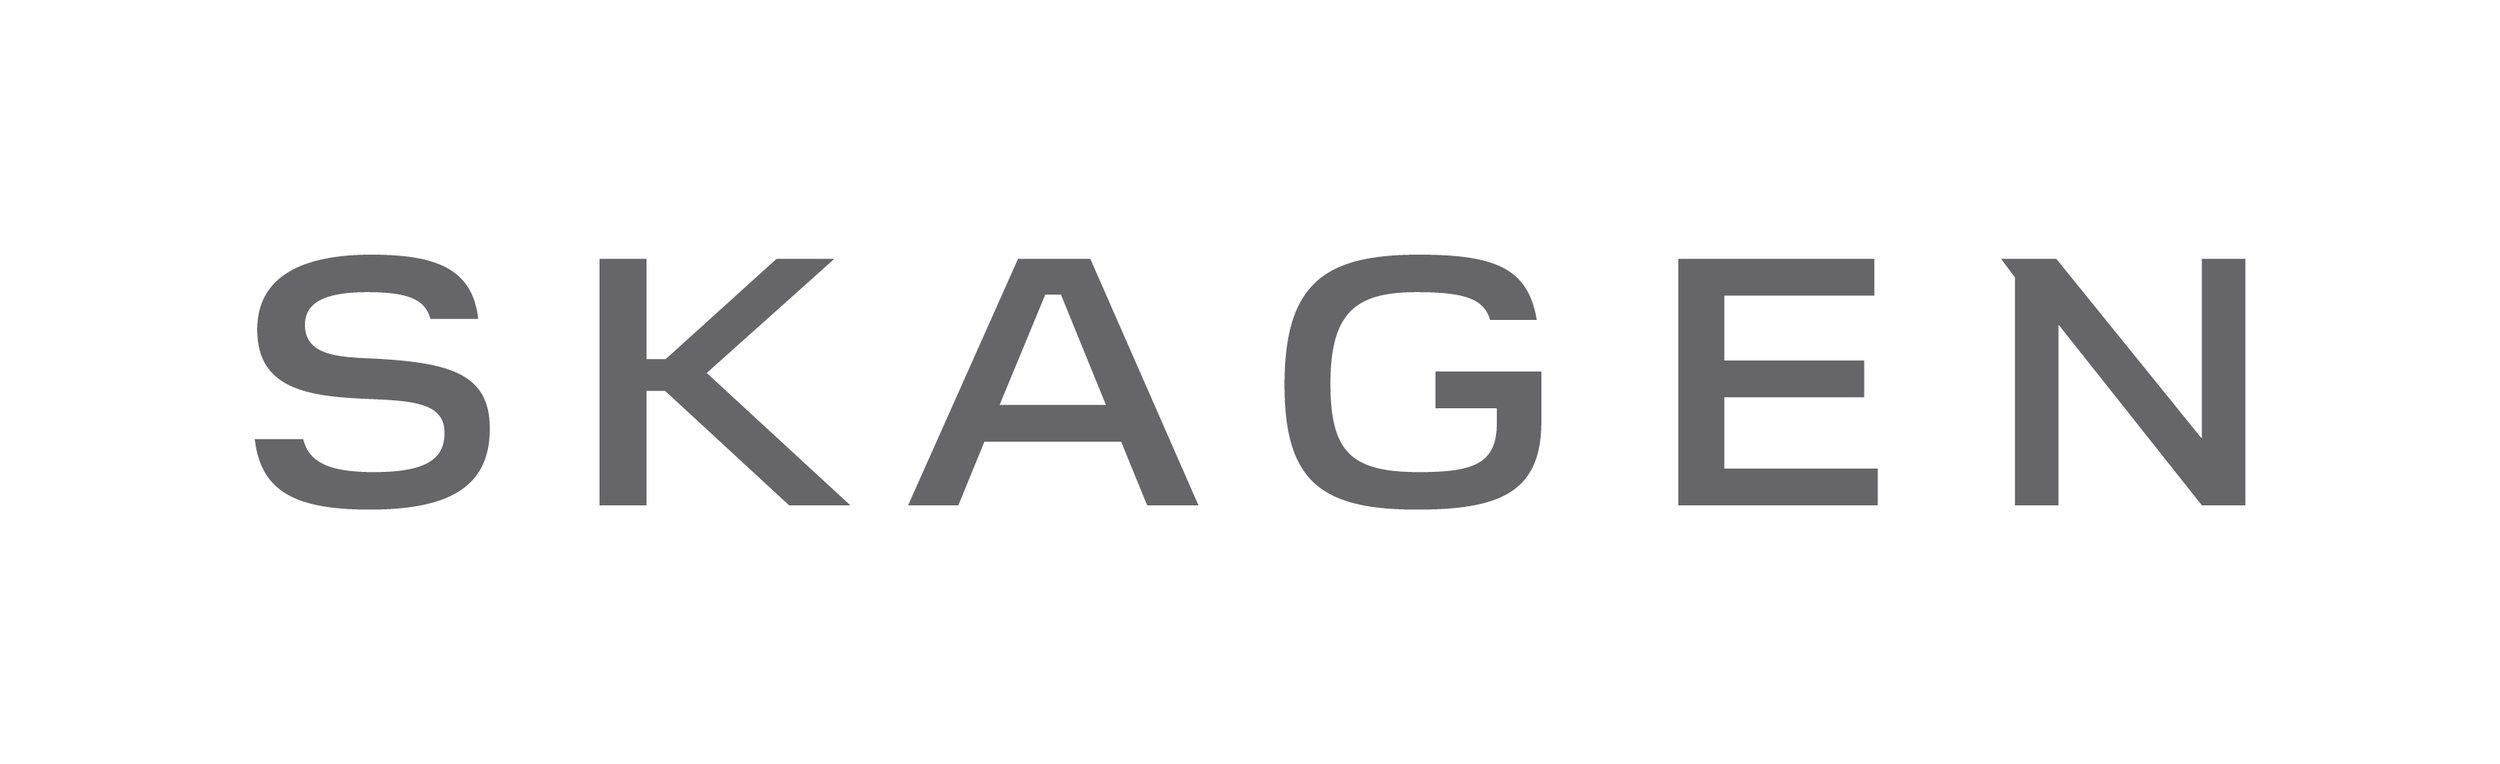 skagen_logo_dark_gray_300dpi.jpg